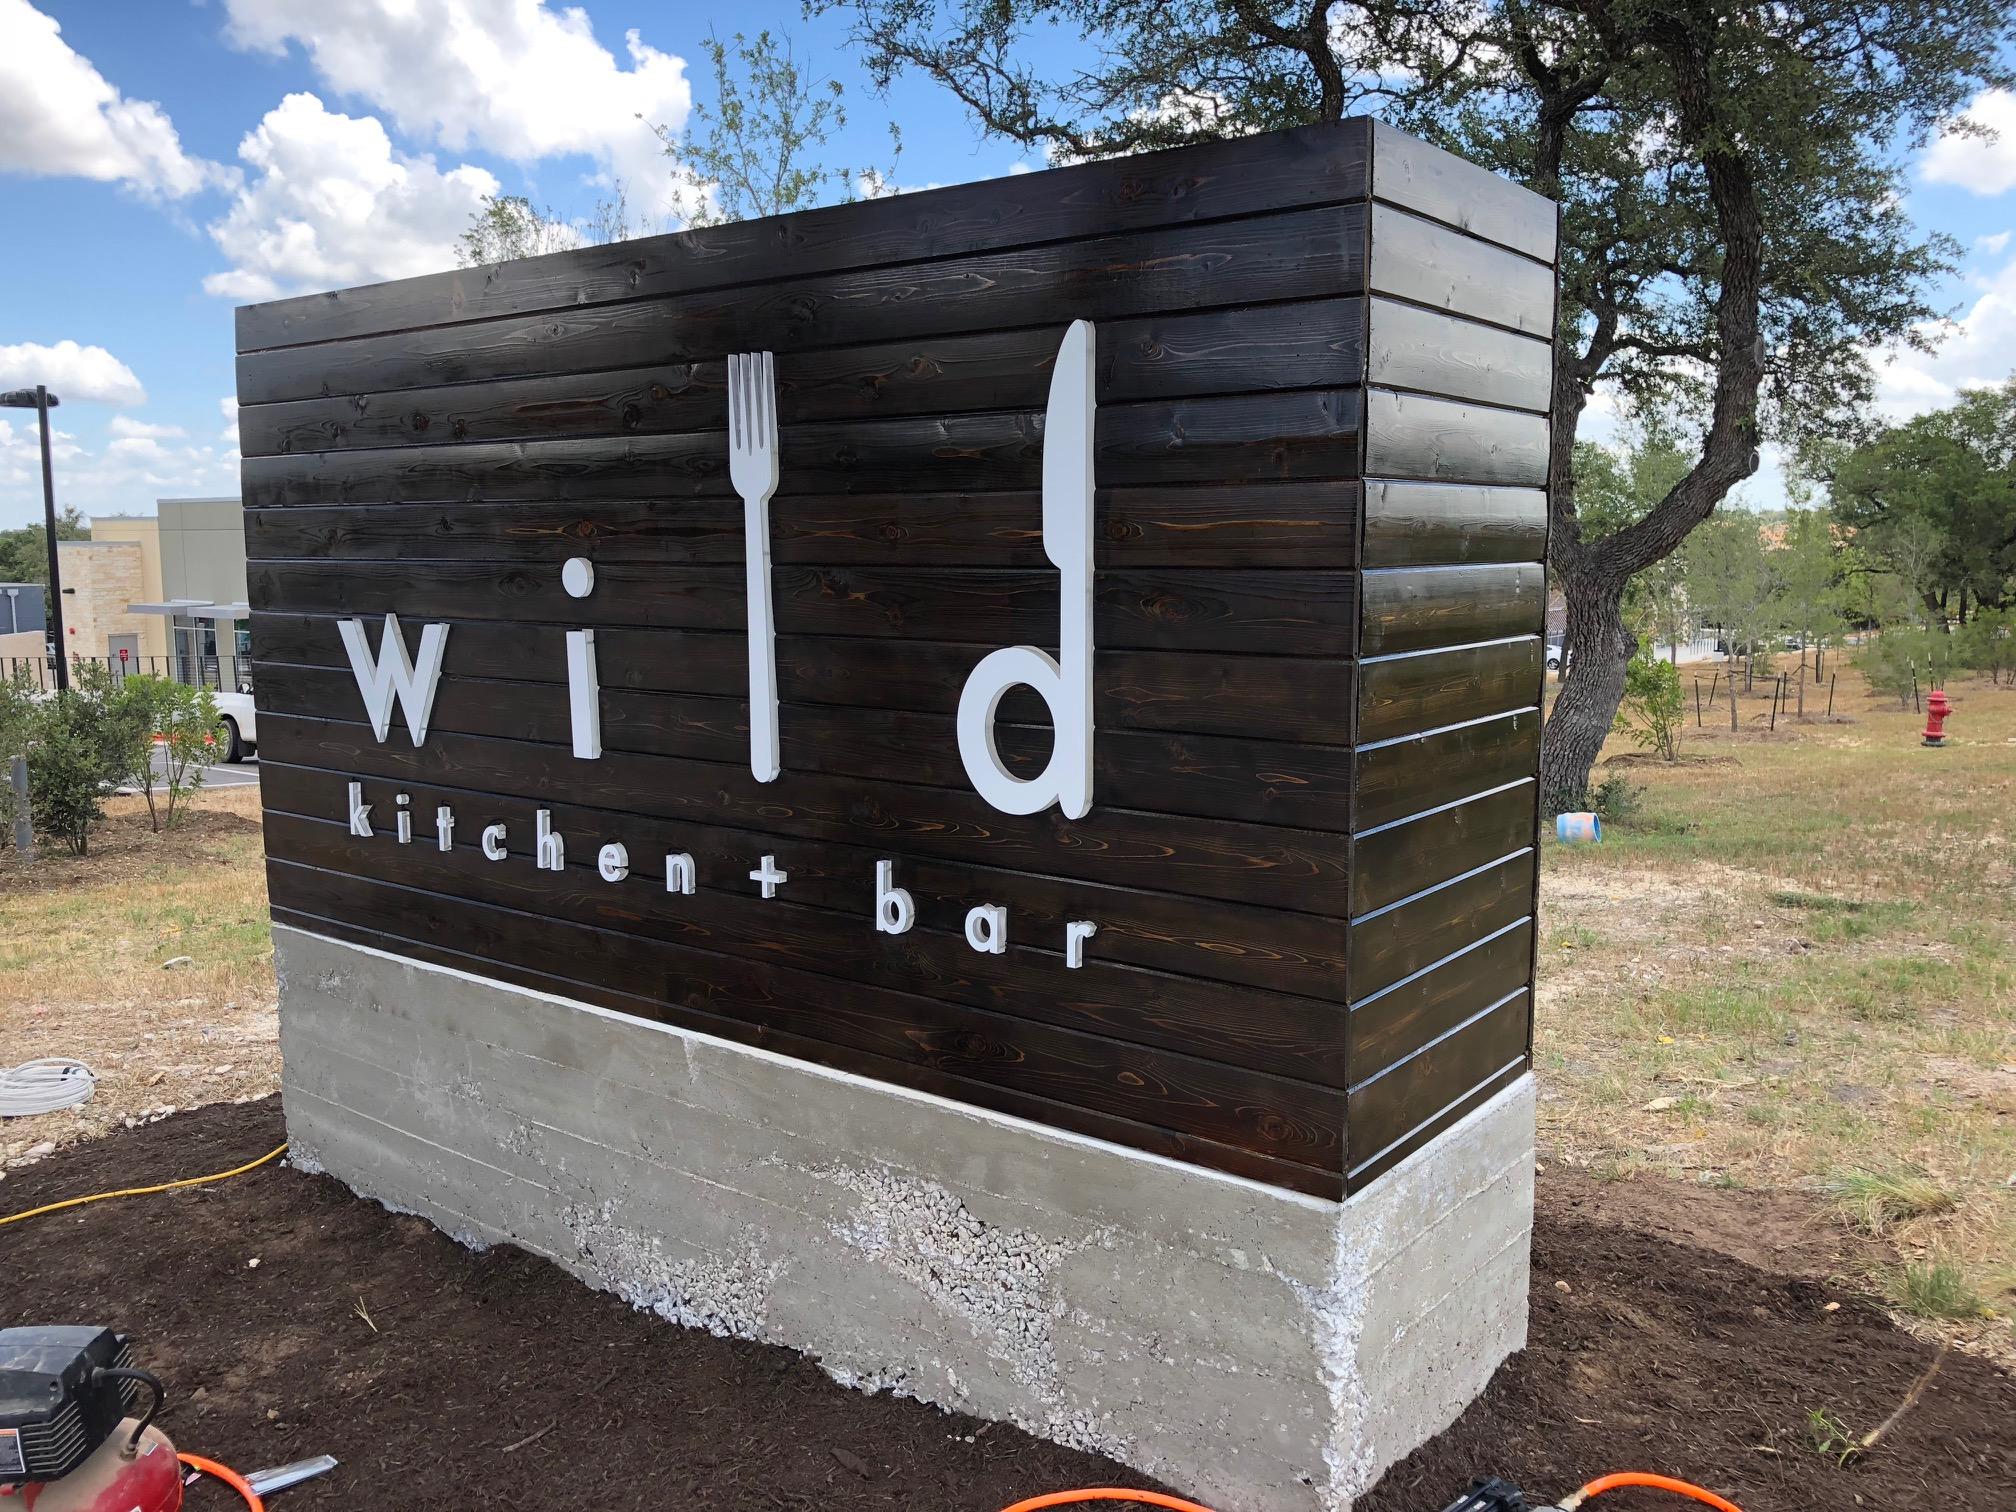 Wood and Acrylic Illuminated Sign